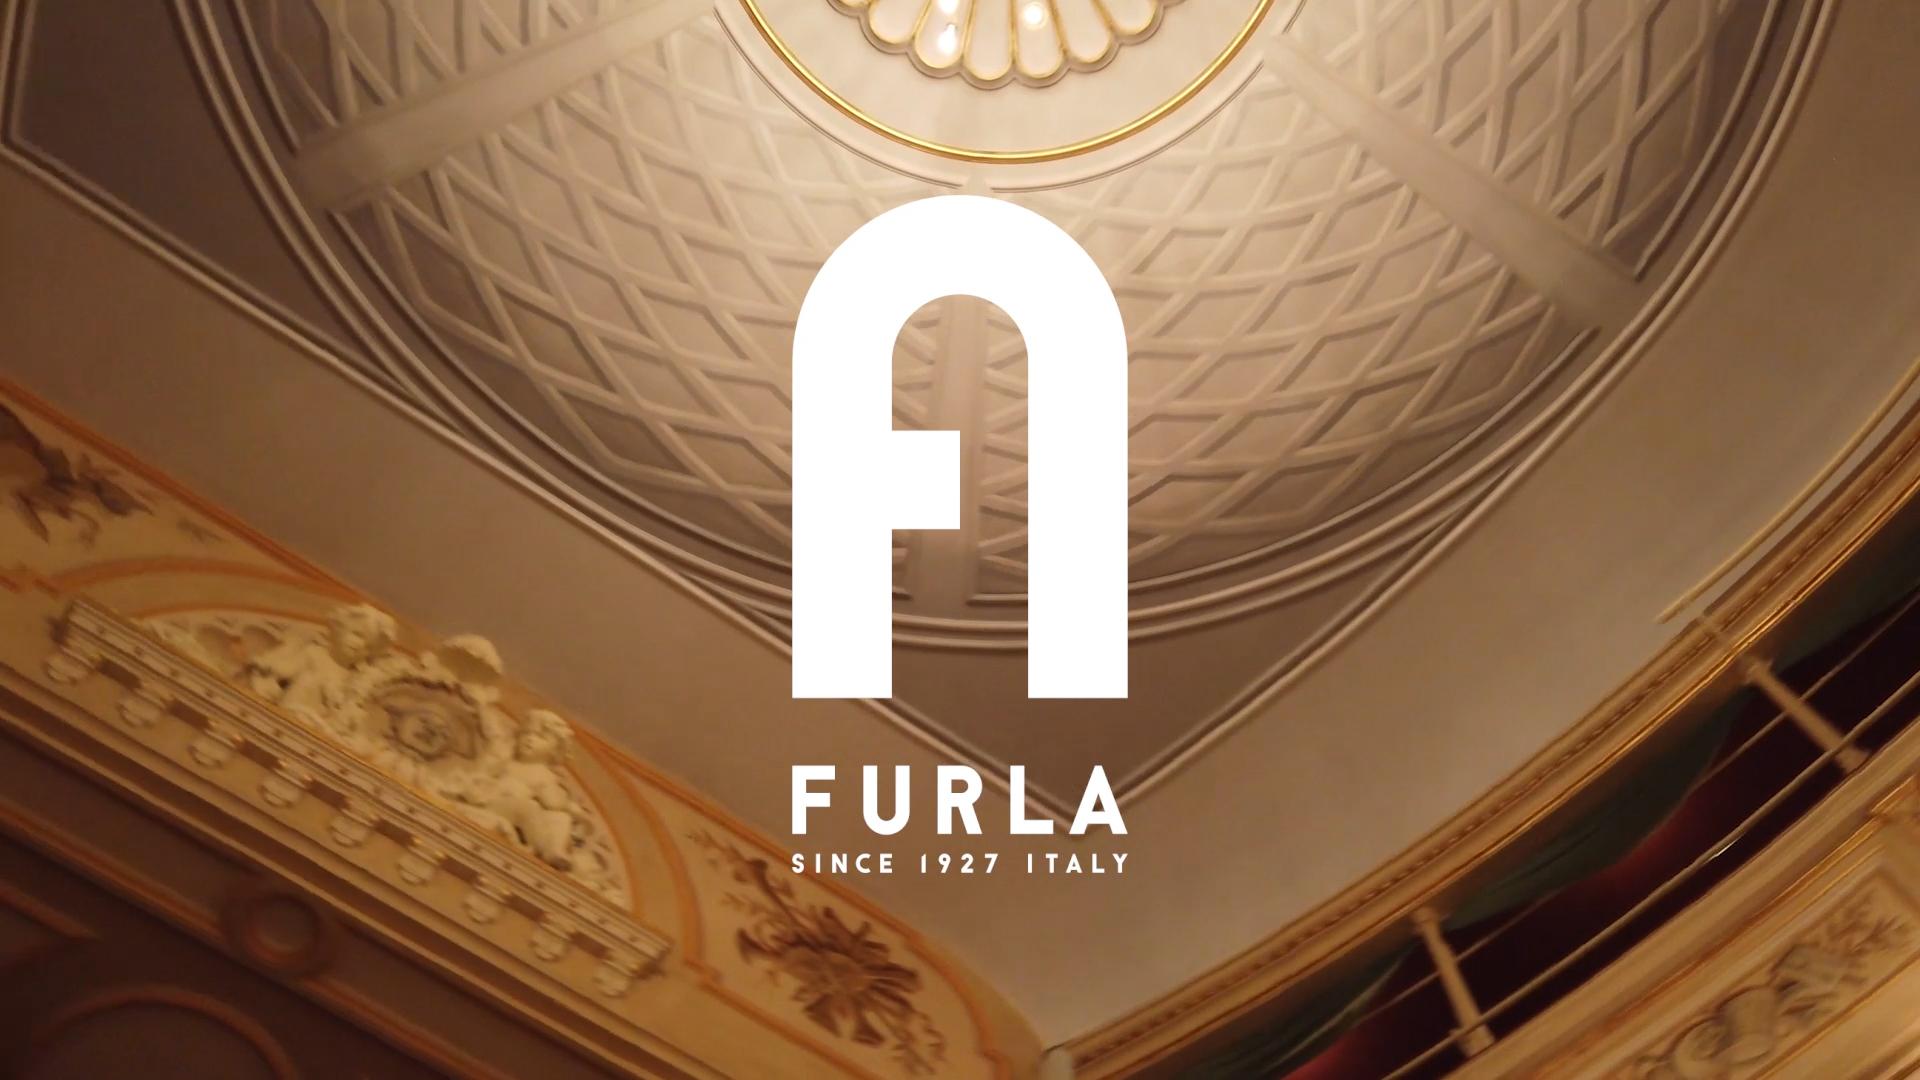 FURLA INTERVIEWS: MARIAM AL FERJANI